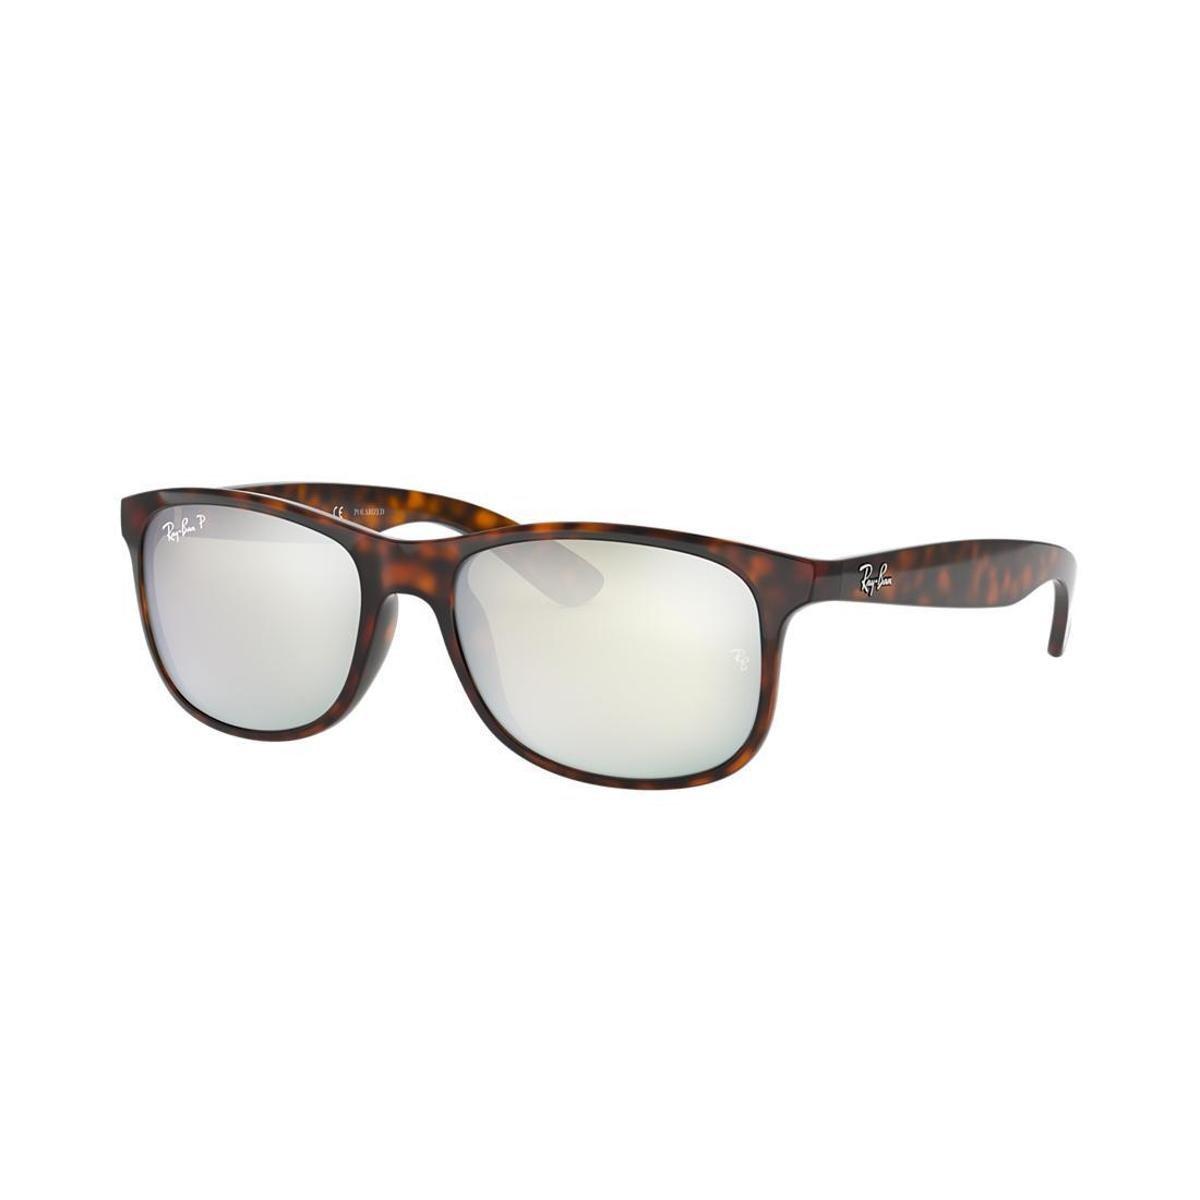 3d7132fd0 Óculos de Sol Ray-Ban RB4202 Andy - Marrom   Zattini